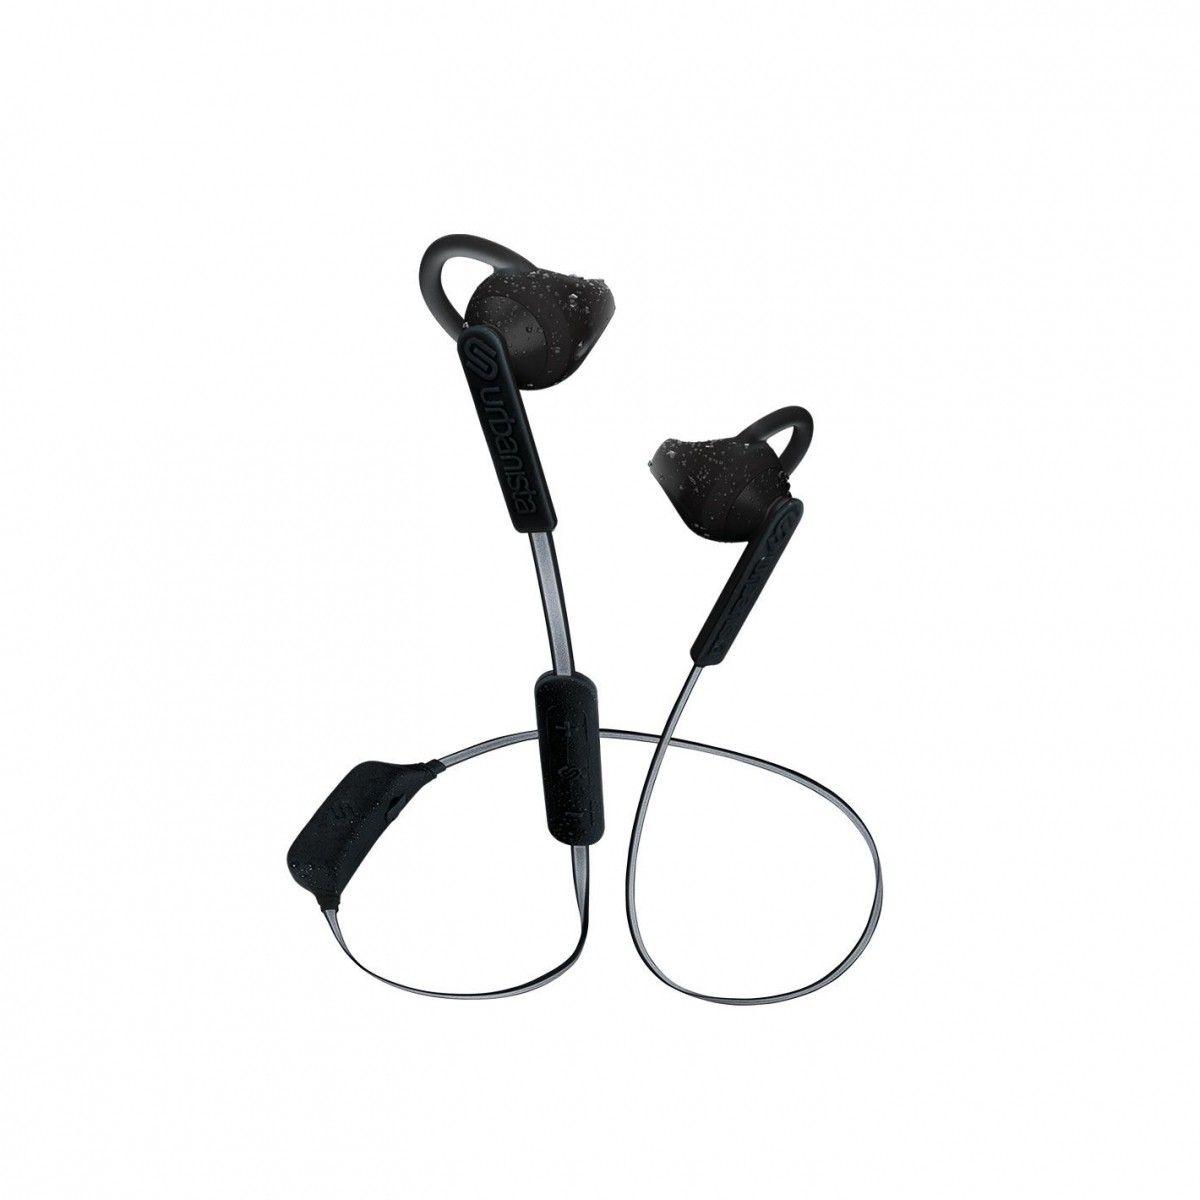 Fone de ouvido Bluetooth Boston Preto Refletivo - Urbanista